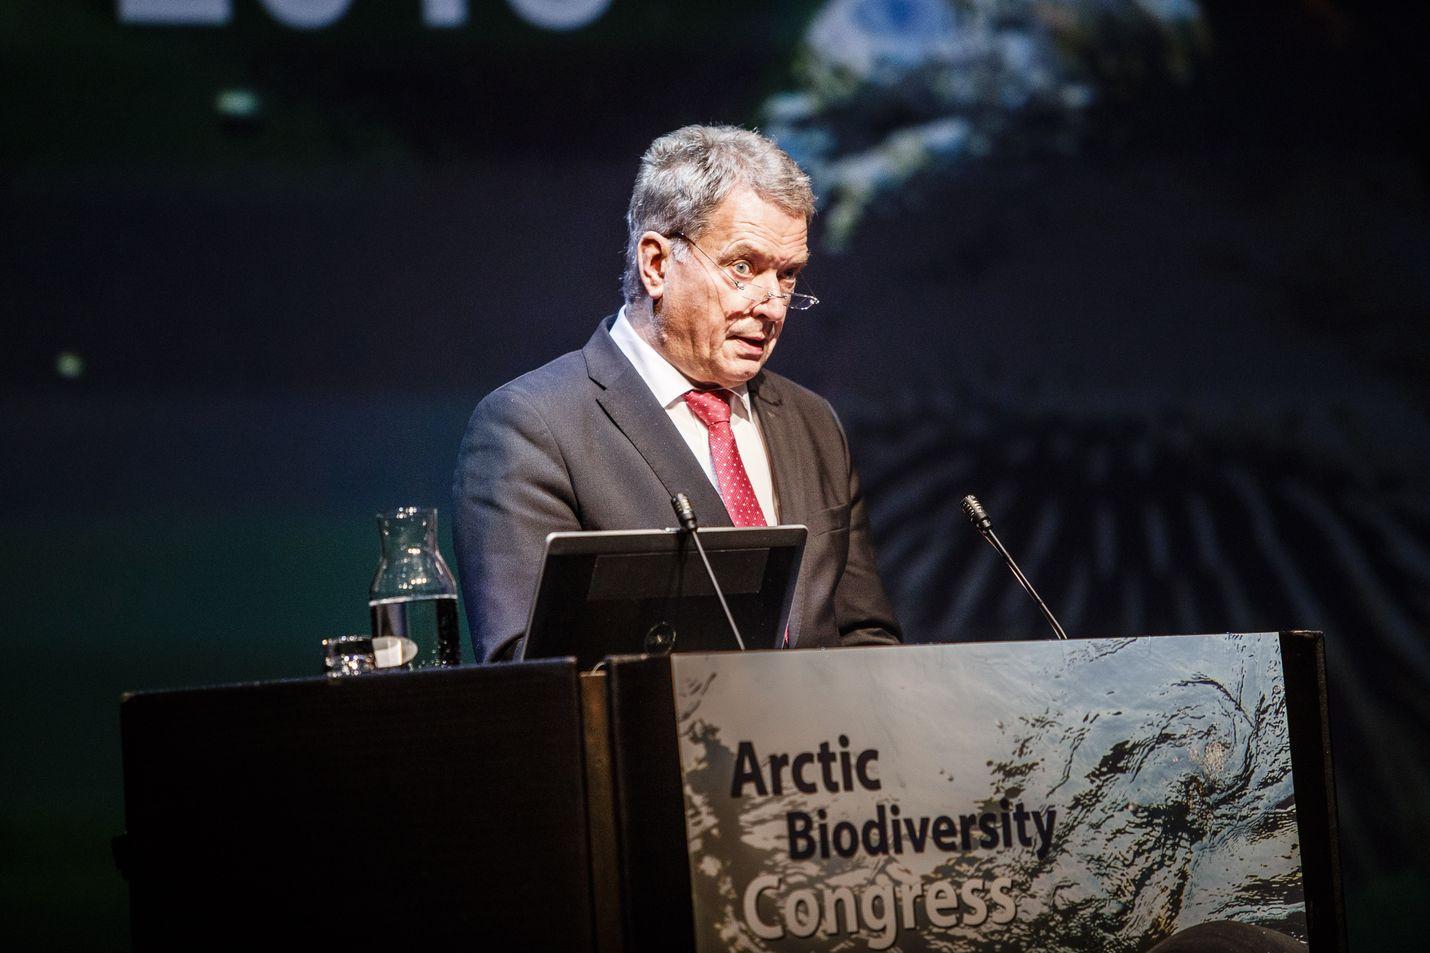 Sauli Niinistö aloitti Kiinan-vierailunsa puhumalla ilmastoseminaarissa, jossa hän nosti esiin muun muassa mustan hiilen. Hän on pitänyt aihetta esillä myös aiemmin, kuten viimeksi syksyllä arktisessa Arktisessa Biodiversiteettikongresissa Rovaniemellä.